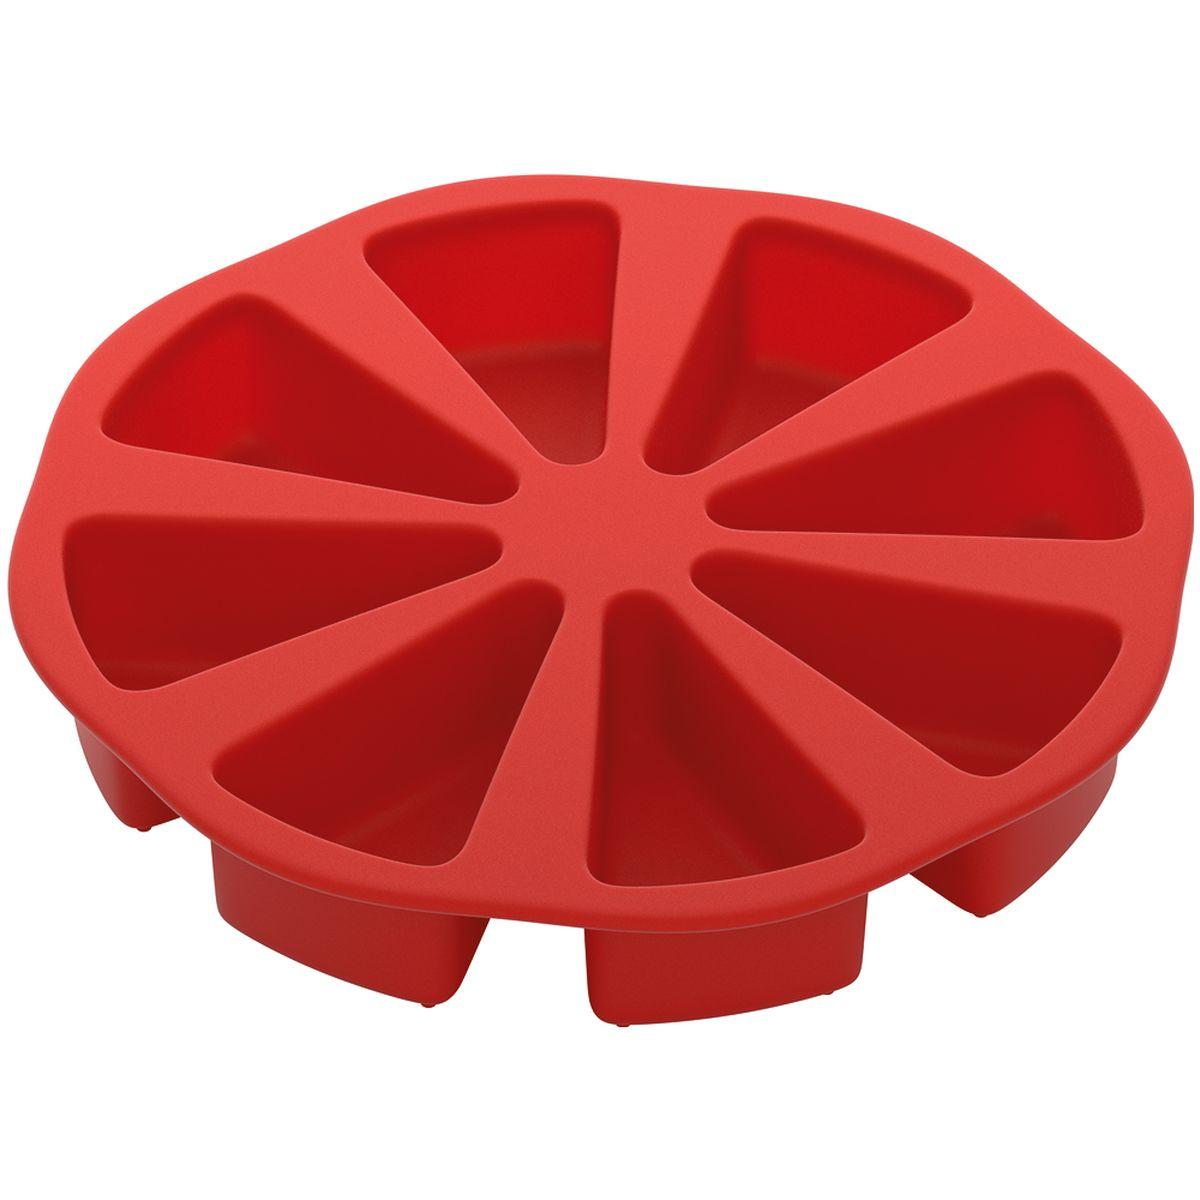 Форма для порционного торта Nadoba, силиконовая762024Высококачественный жаропрочный силикон, стандарт LFGB (Германия), не белеет. Рабочие температуры: от 40 до 230 °С. Выпечка легко вынимается и не пригорает. Формы легко моются и их удобно хранить в сложенном виде.